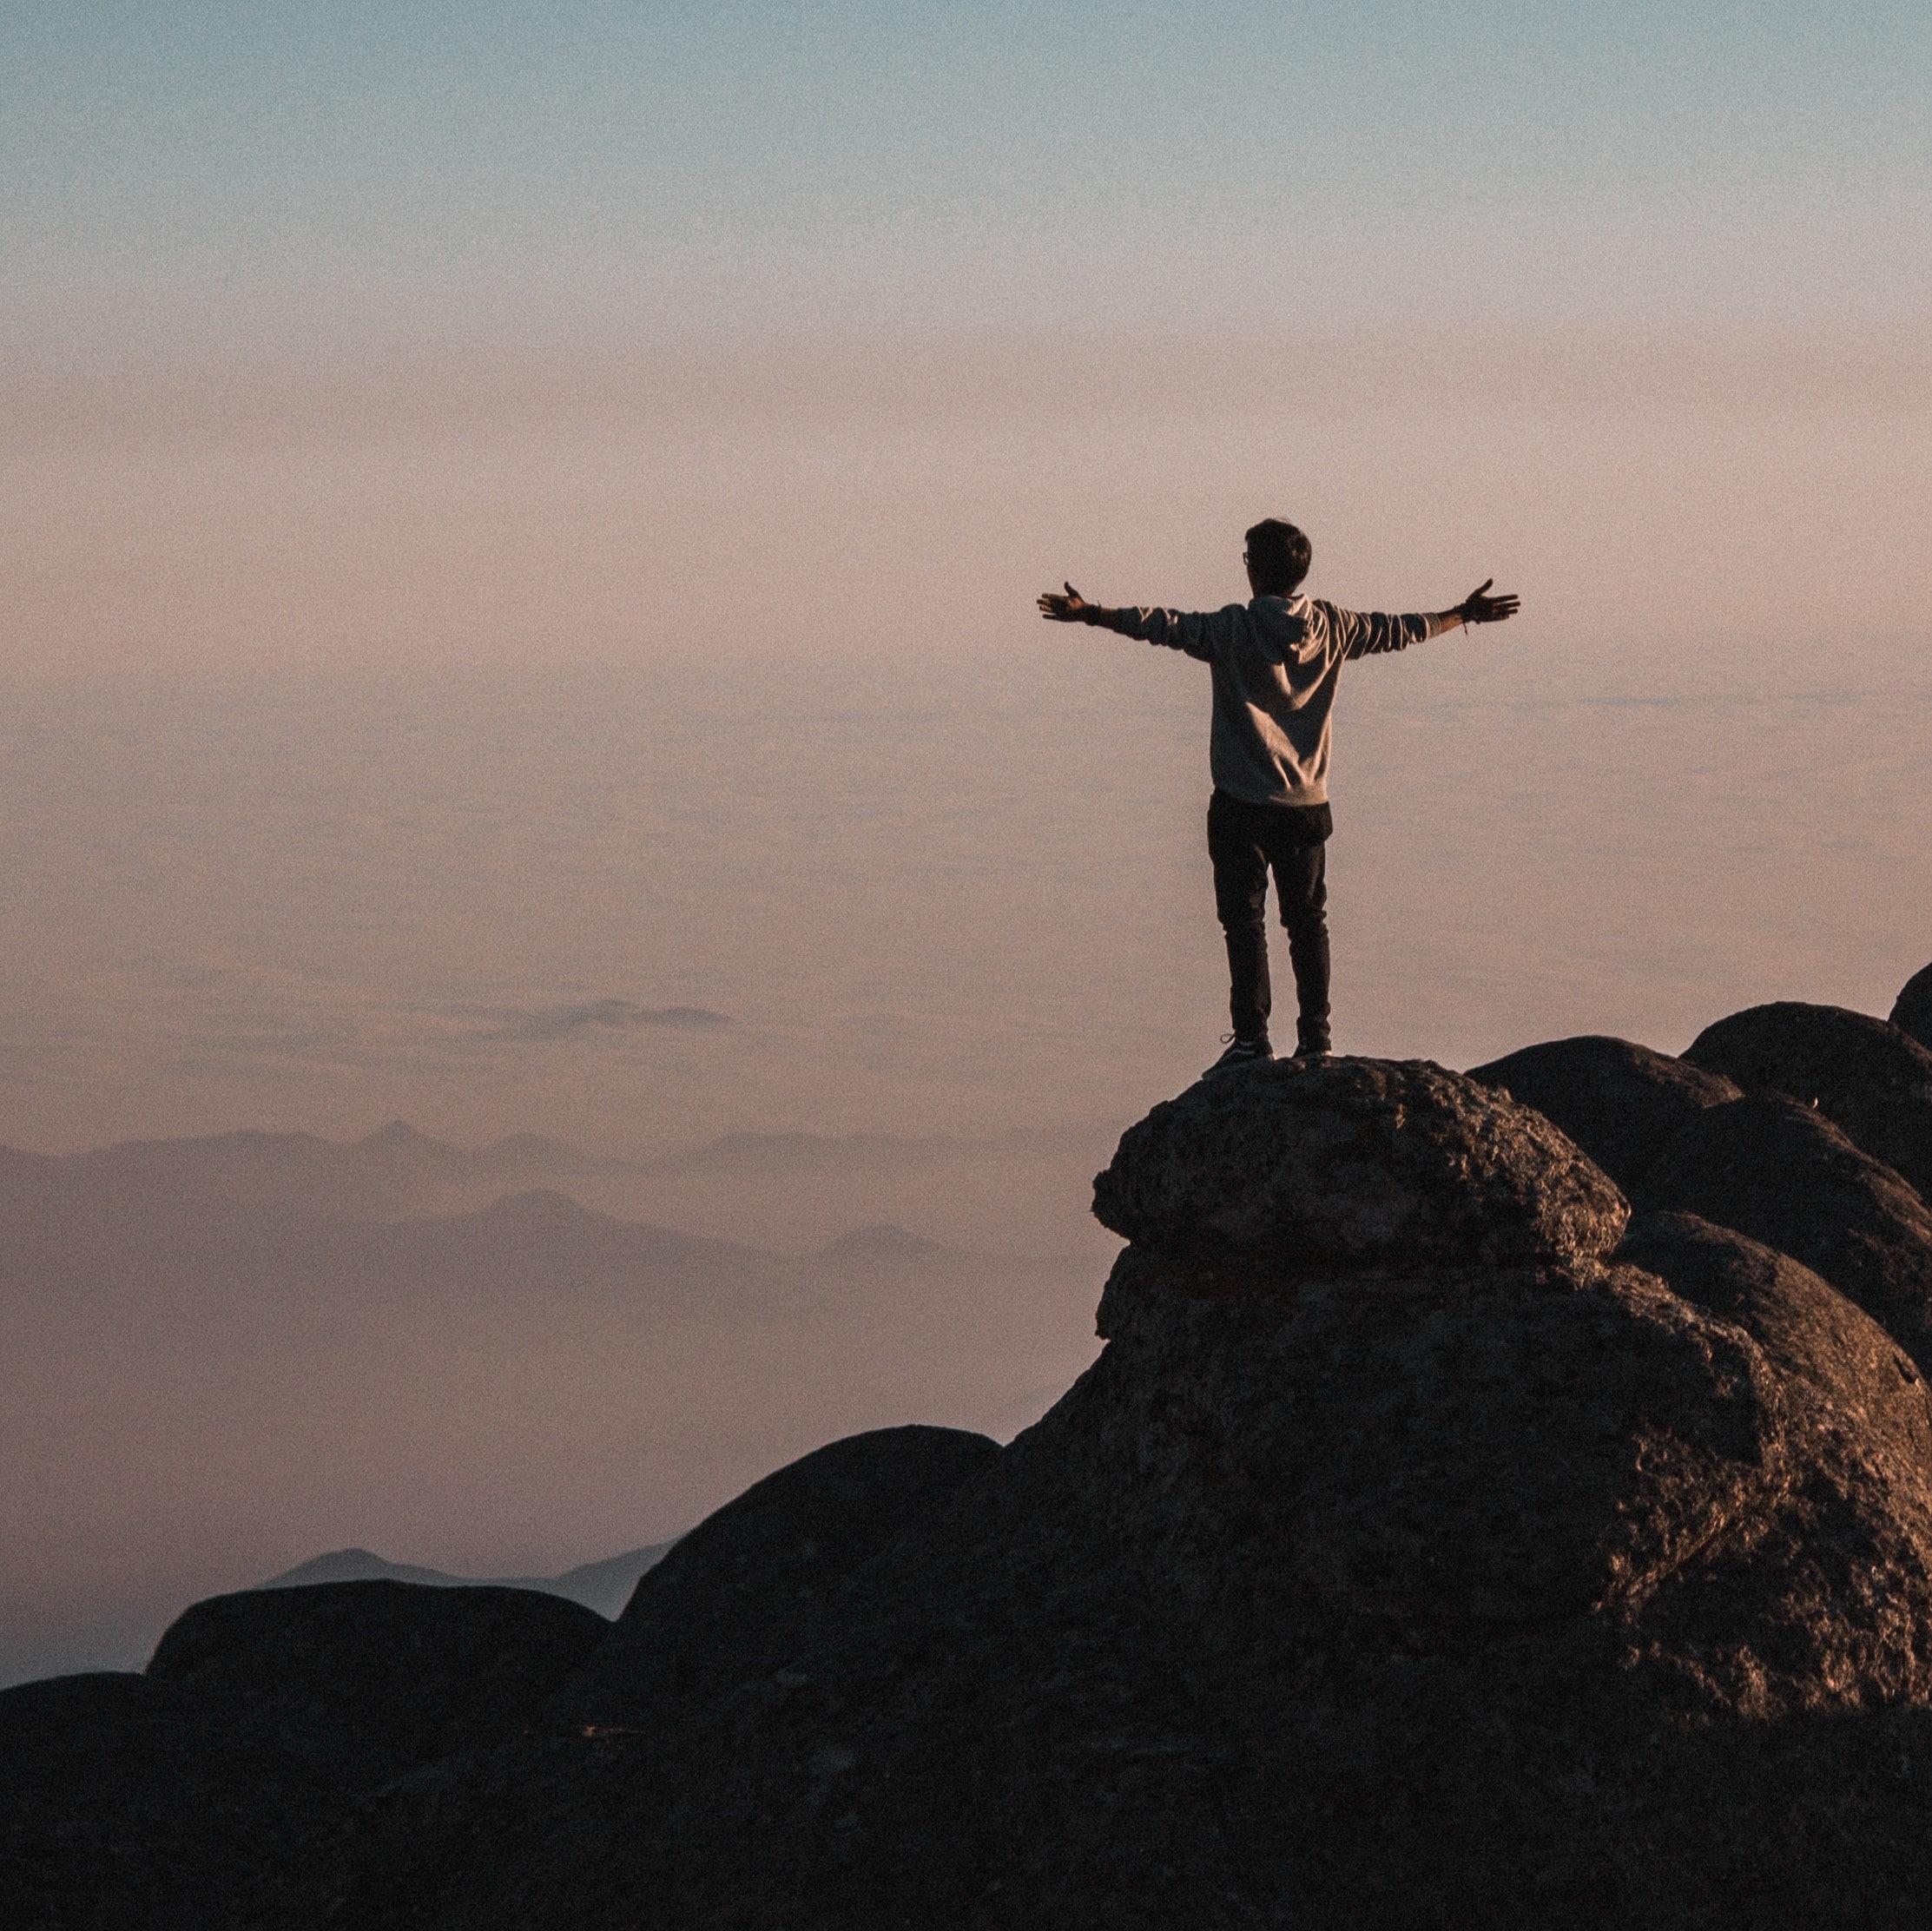 Homem em cima de pedras em uma montanha olhando para o horizonte com os braços abertos.